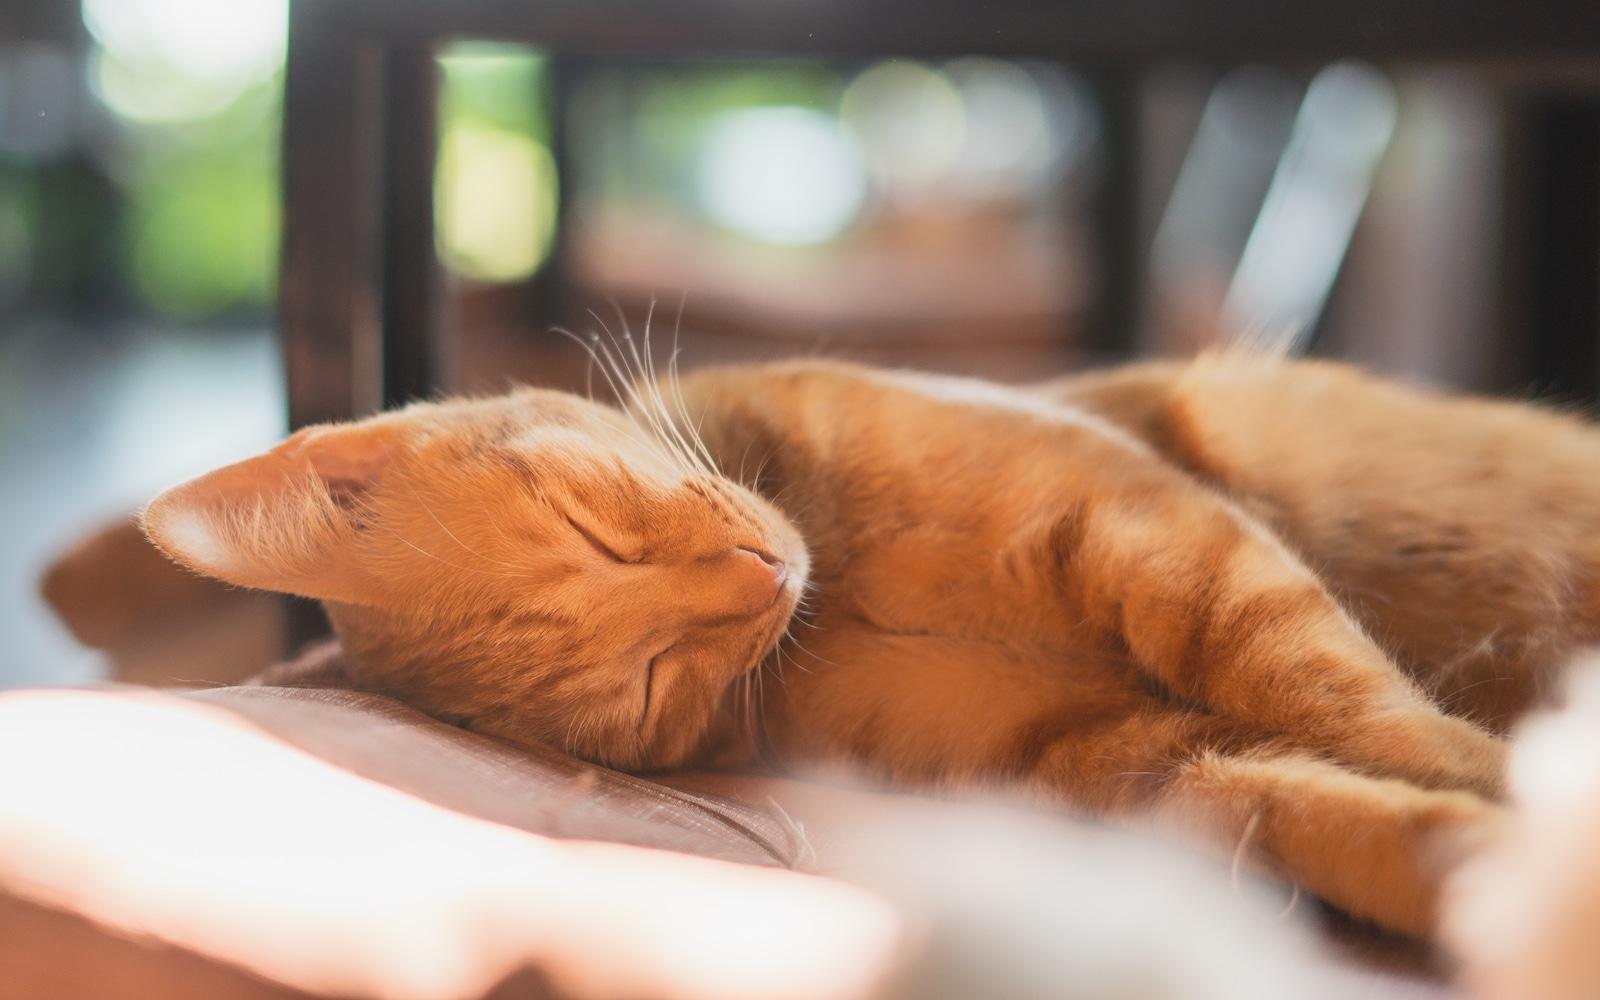 L'autohypnose pour s'endormir, comment ça marche ?